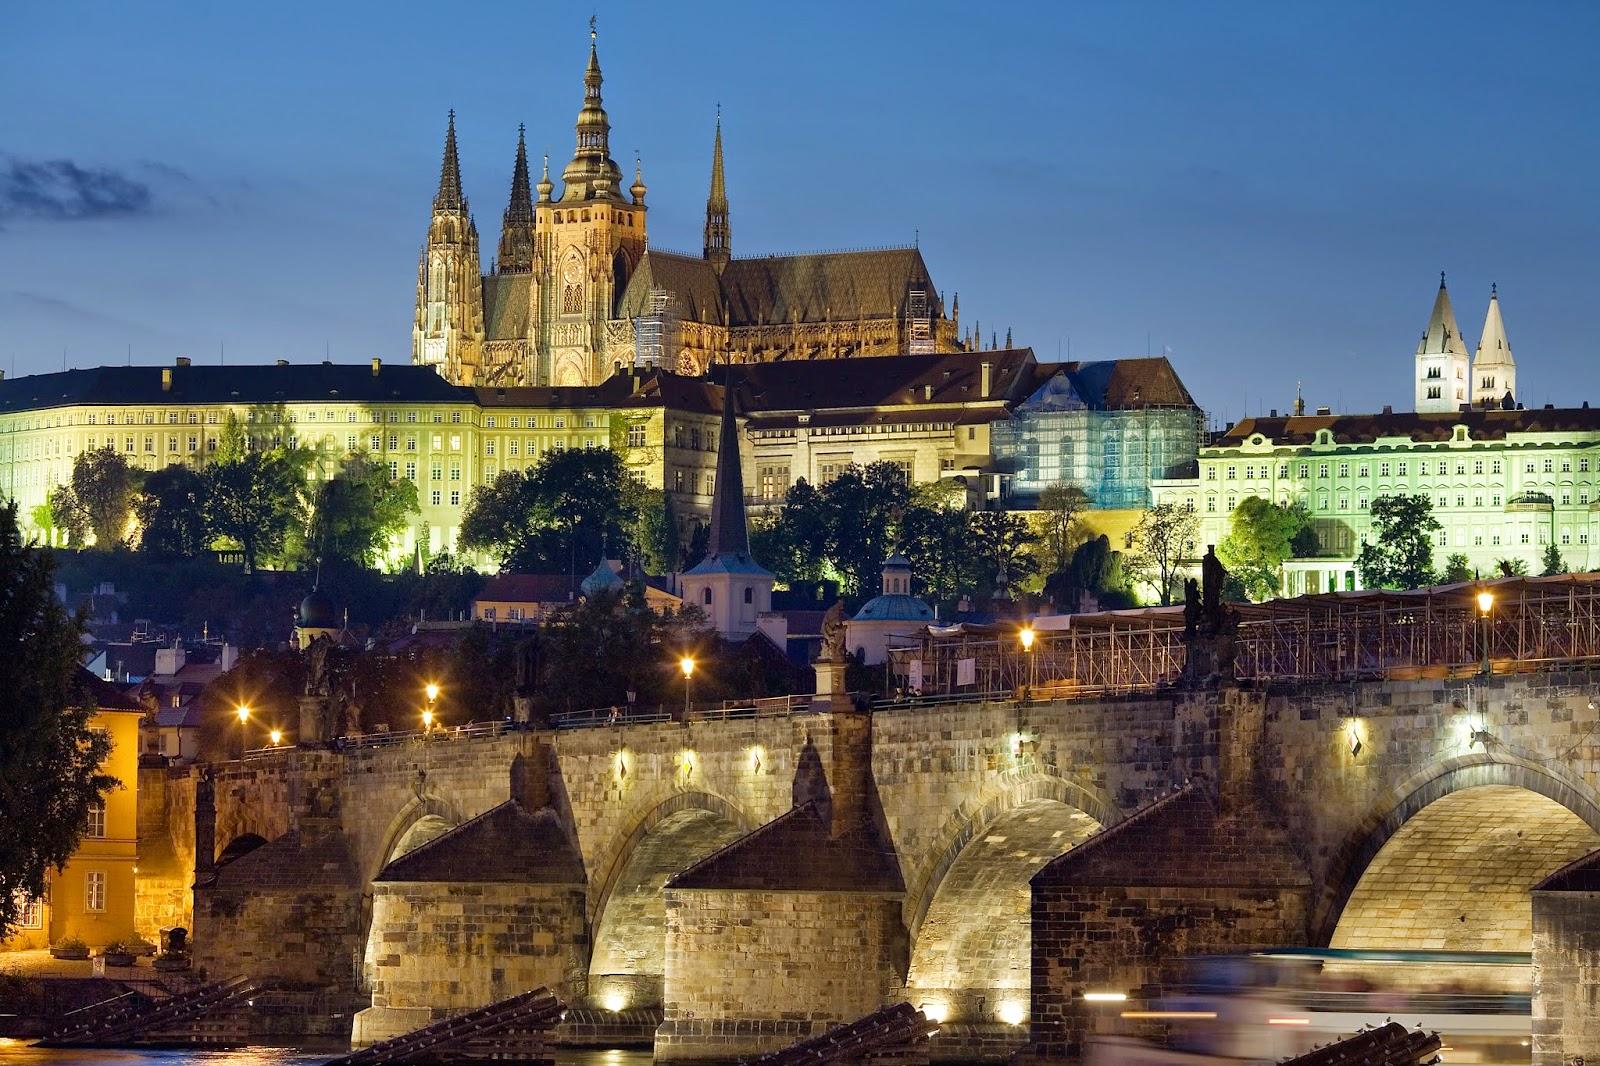 قلعة براغ أكبر قلعة في العالم